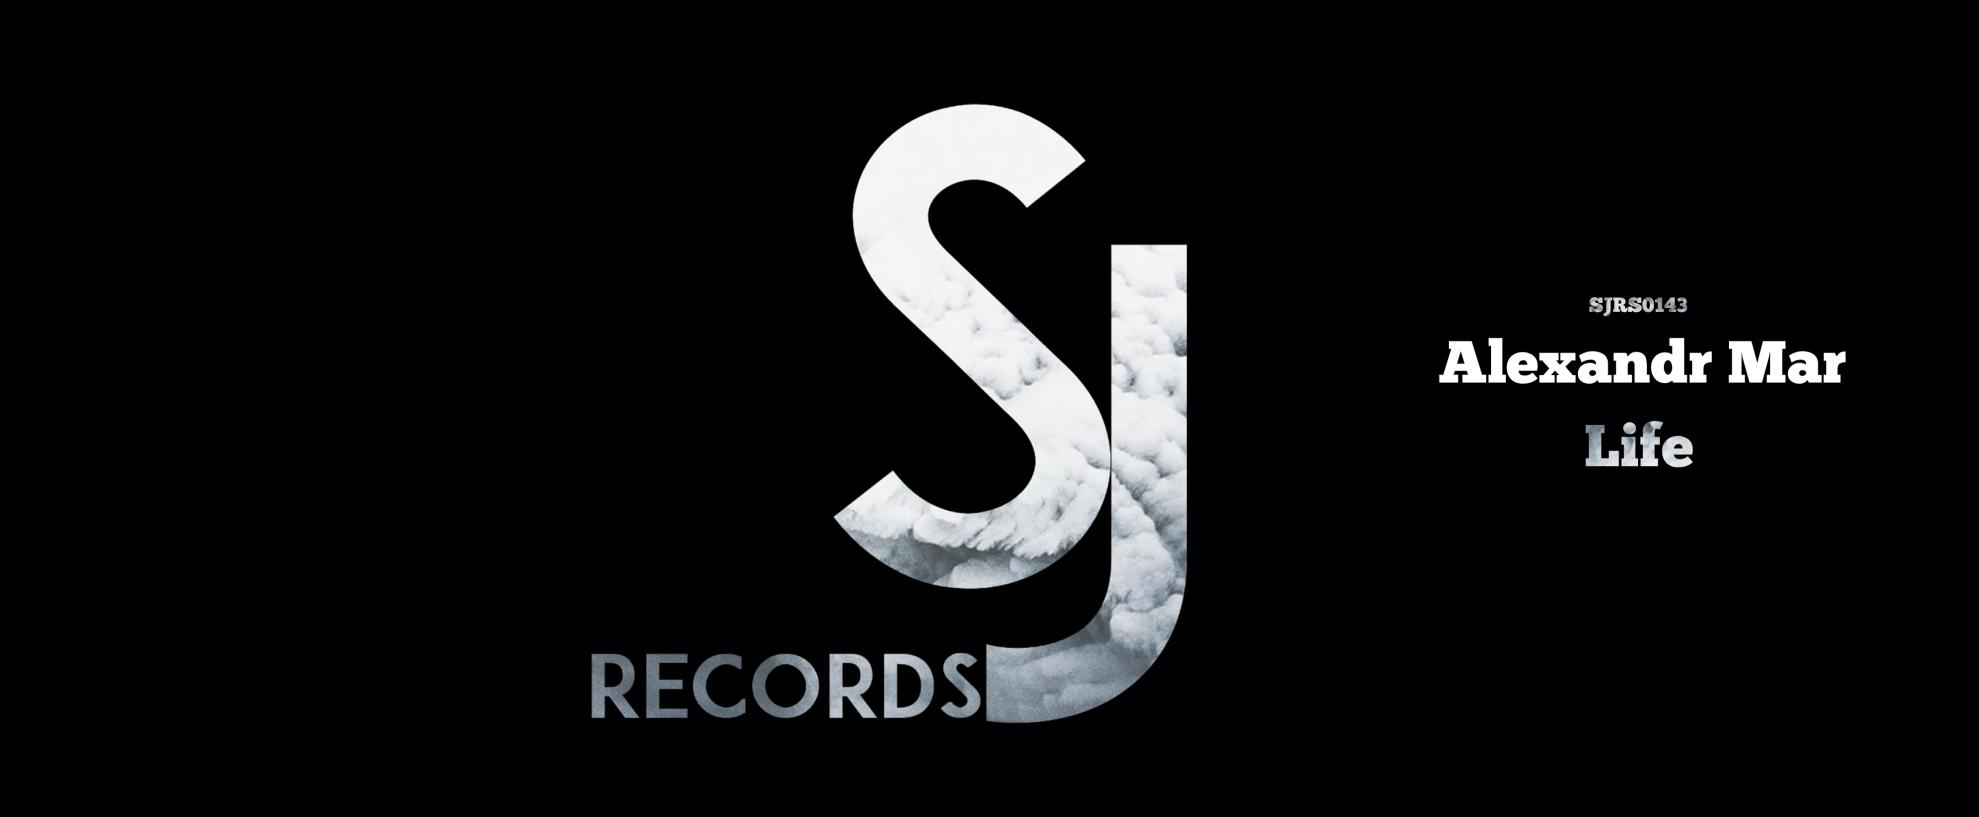 SJRS0143-slide